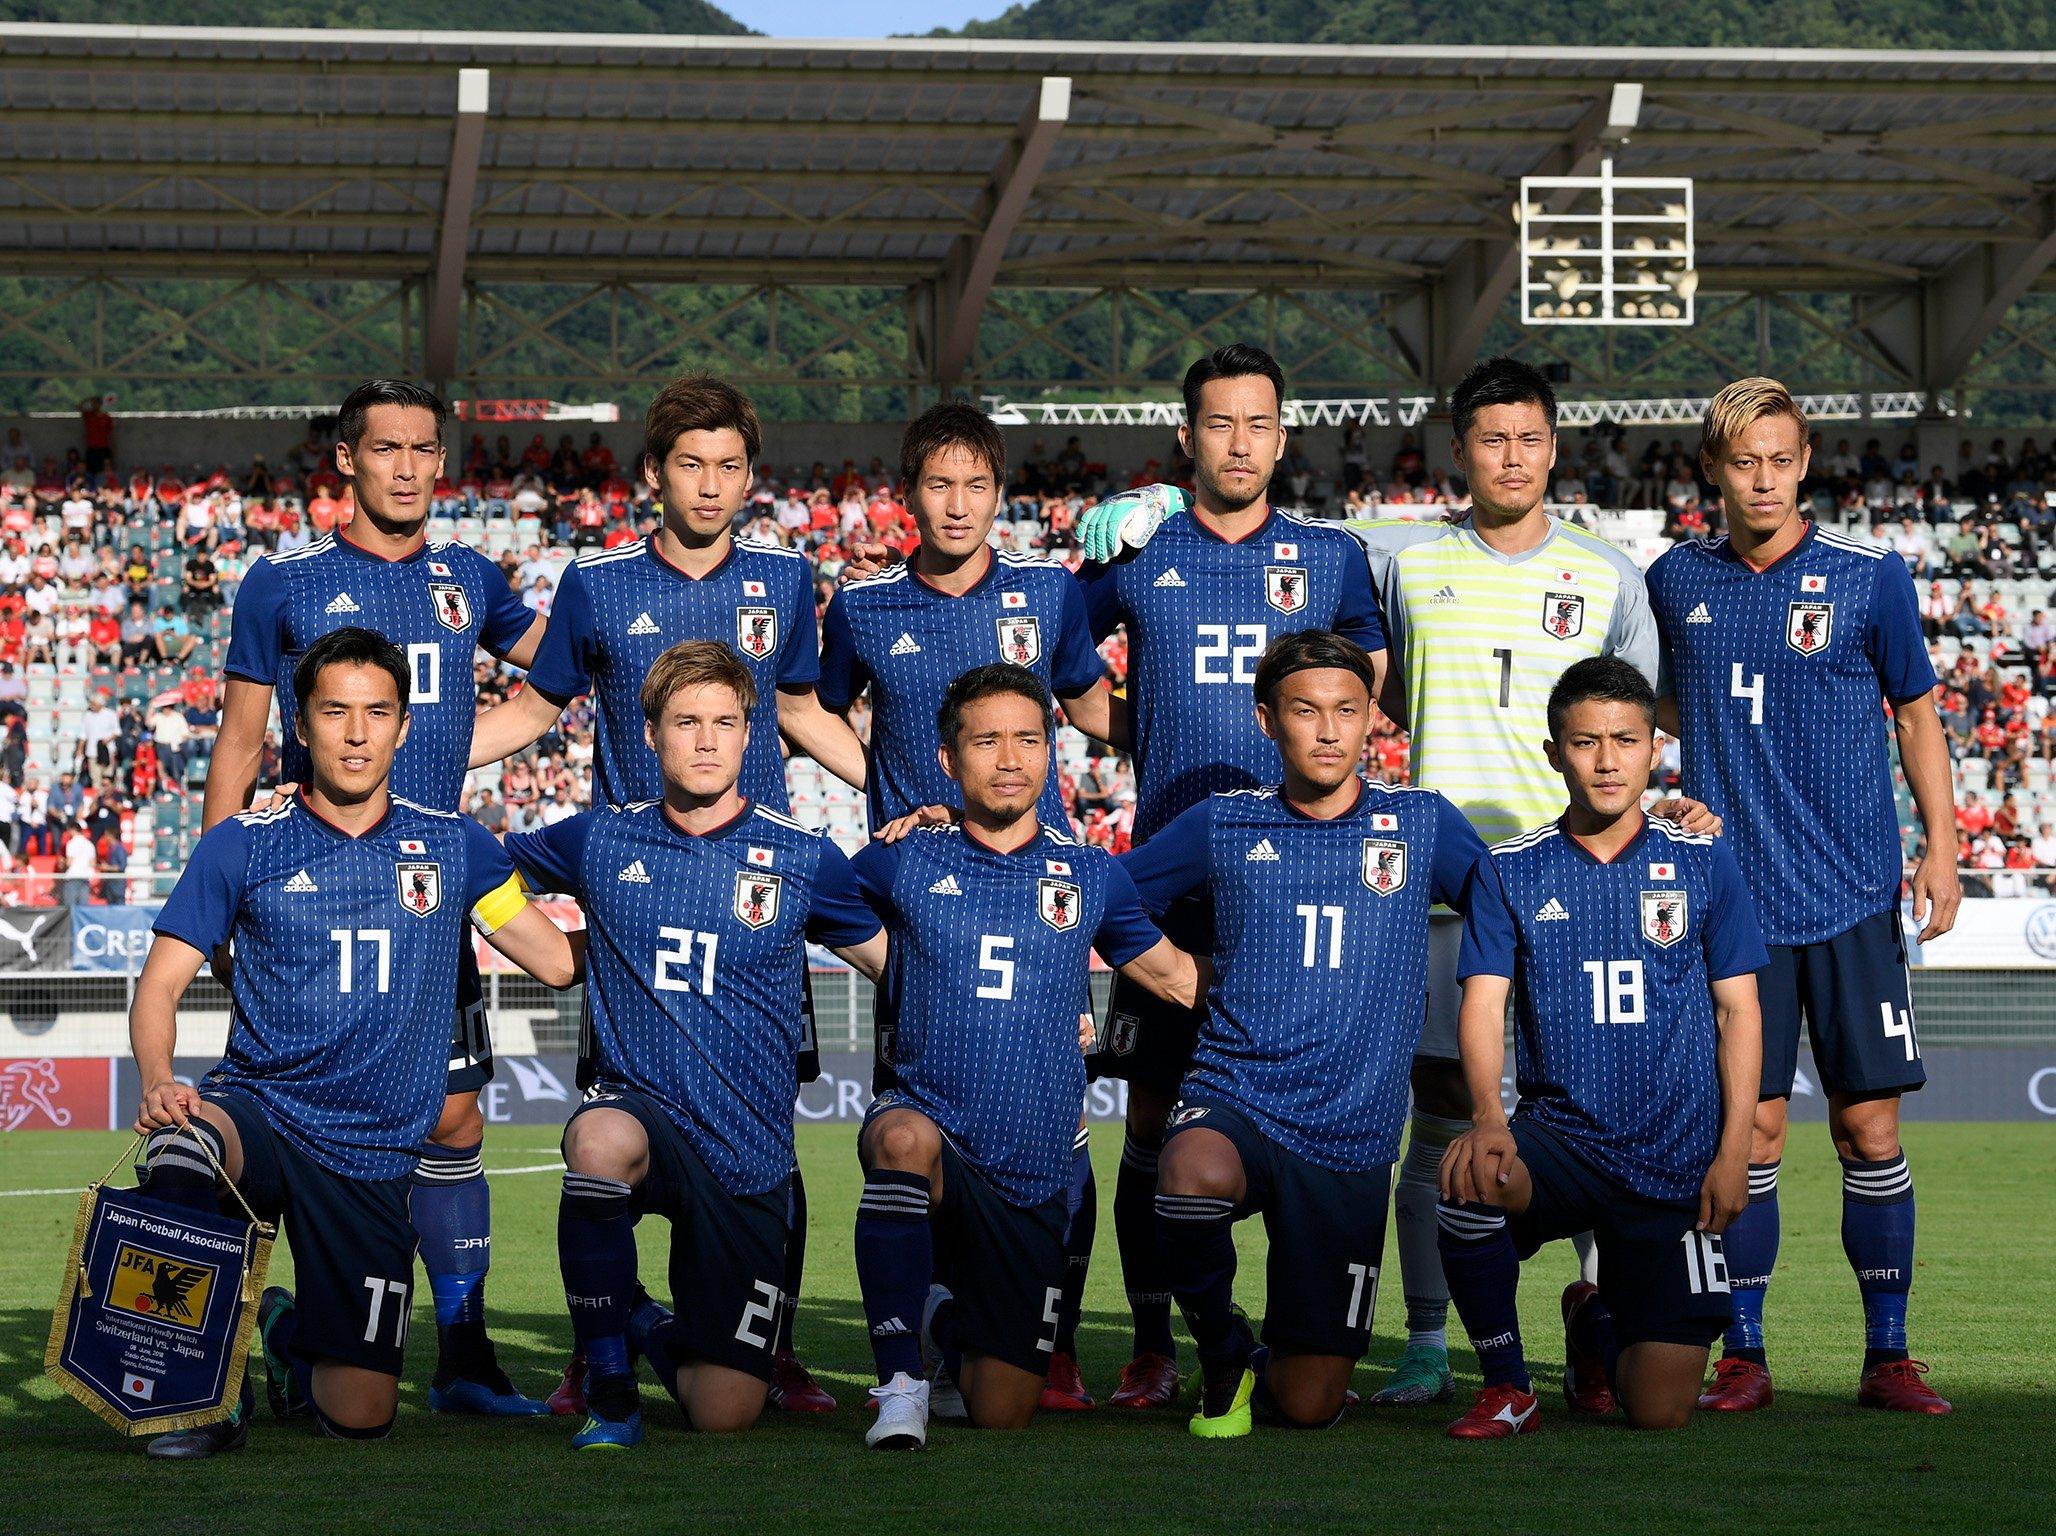 تشكيلة منتخب اليابان في روسيا 2018